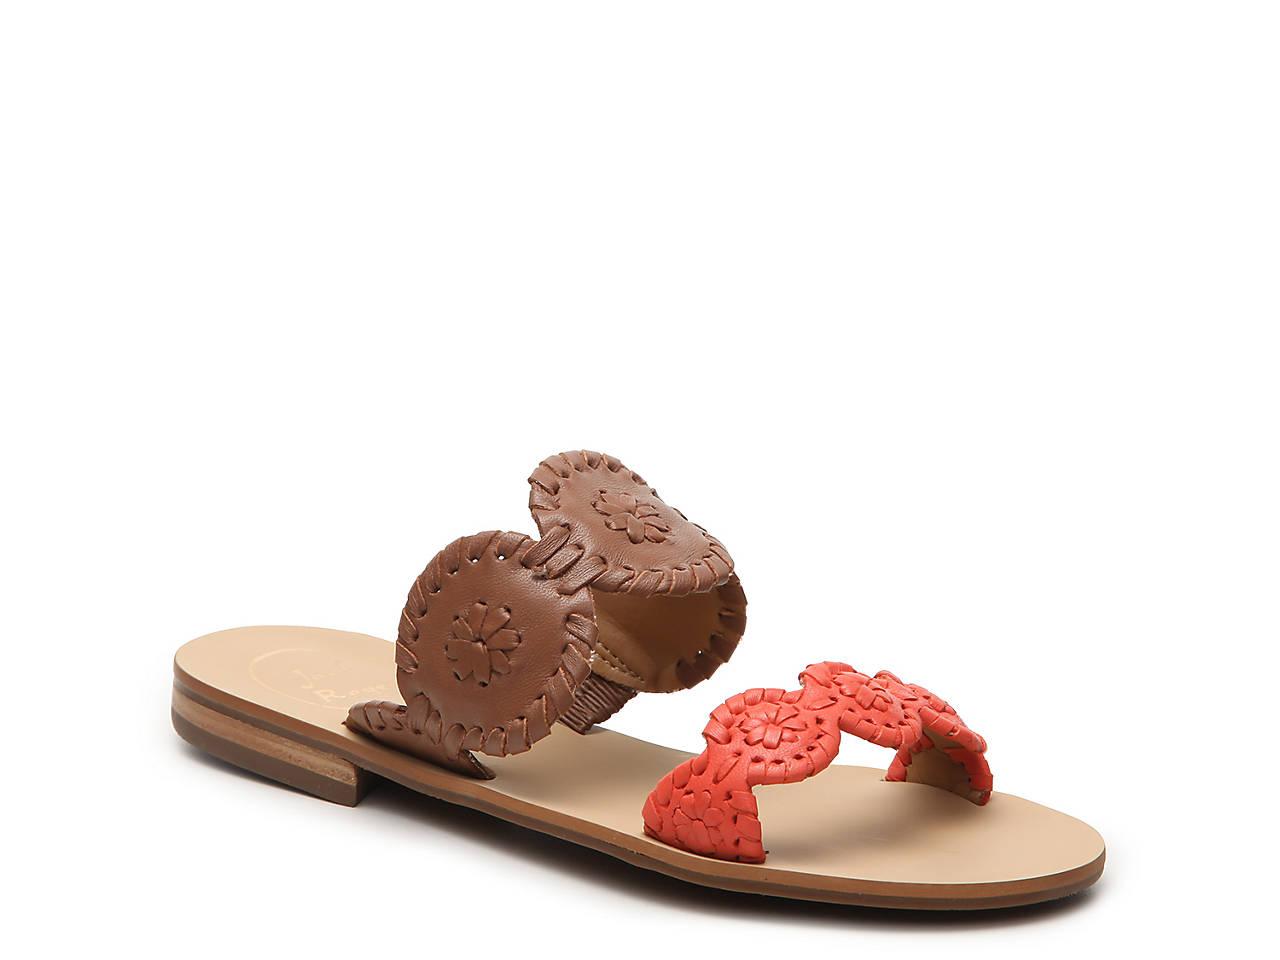 582798c480ff Jack Rogers Lauren Flat Sandal Women s Shoes